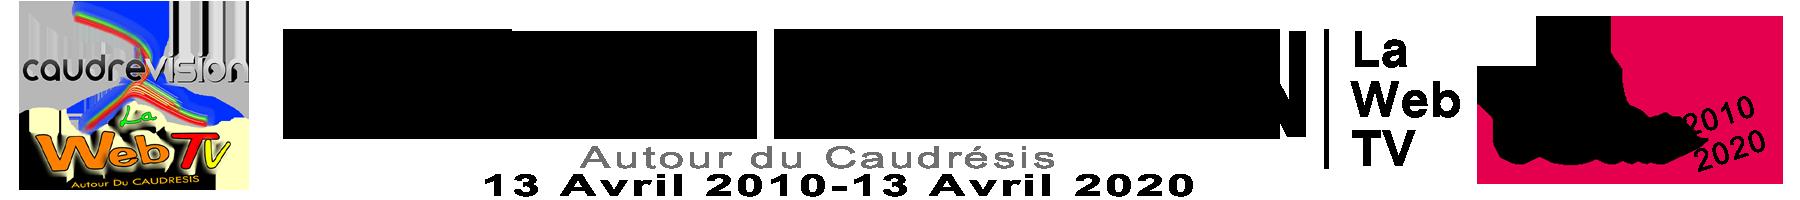 Caudrevision 2019 1800x200 10ans02 copie